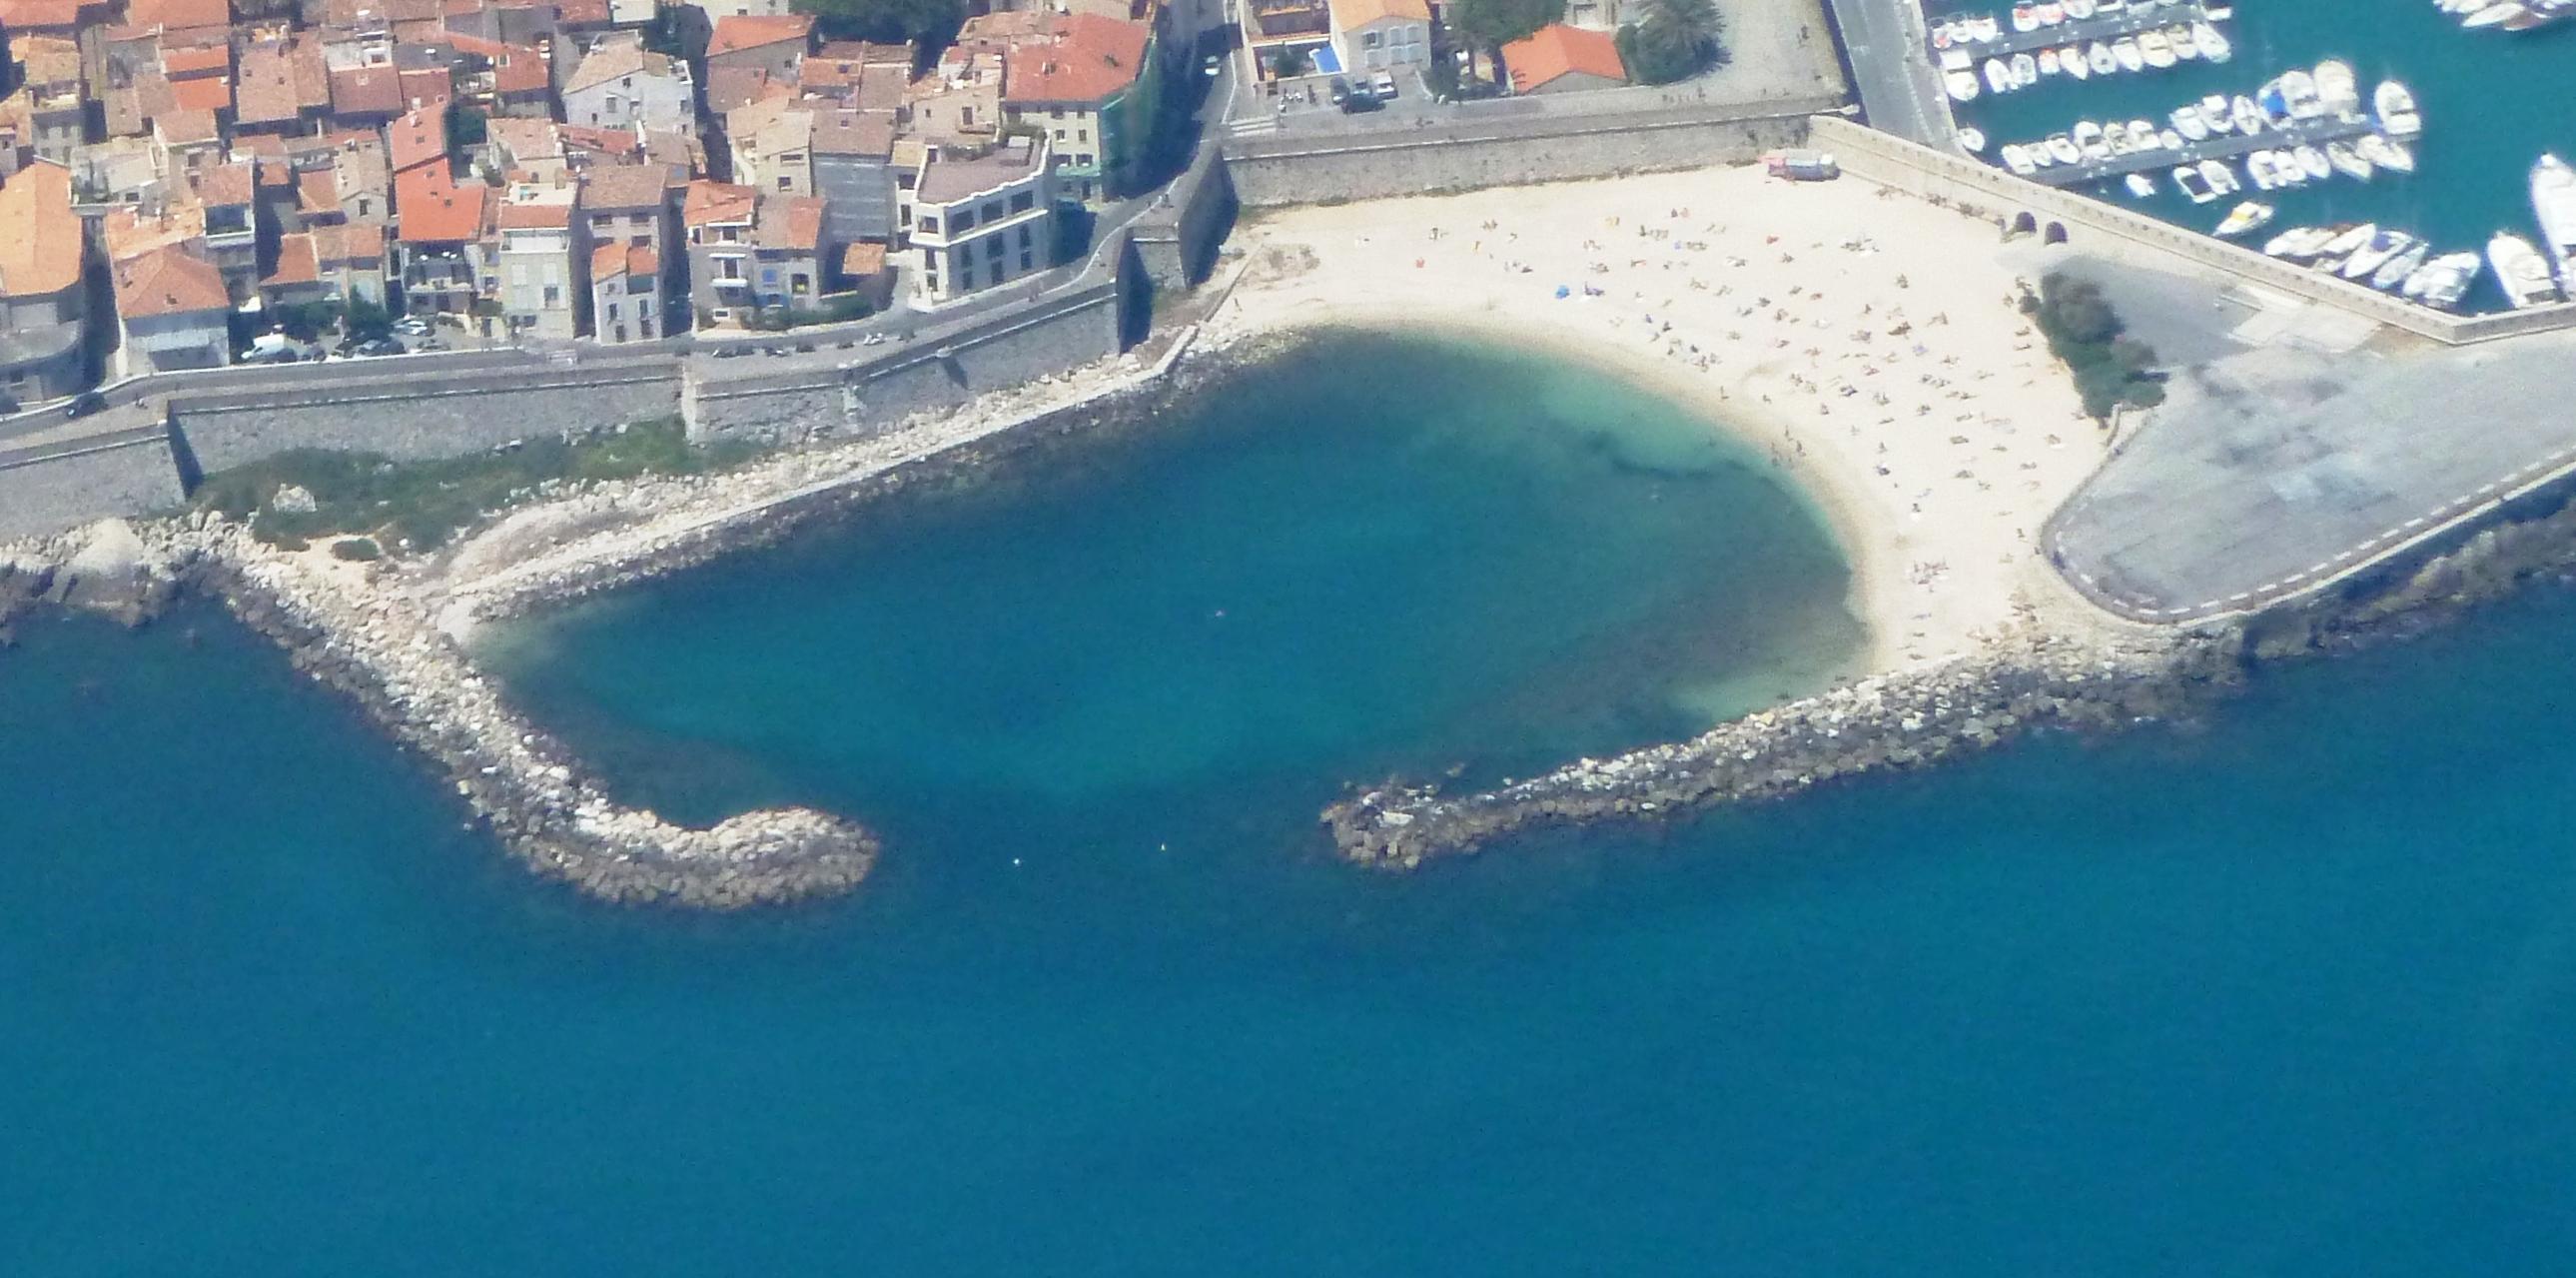 Plage de la Gravette am Hafen von Antibes- Foto von Abxbay vom 24 Mai 2014